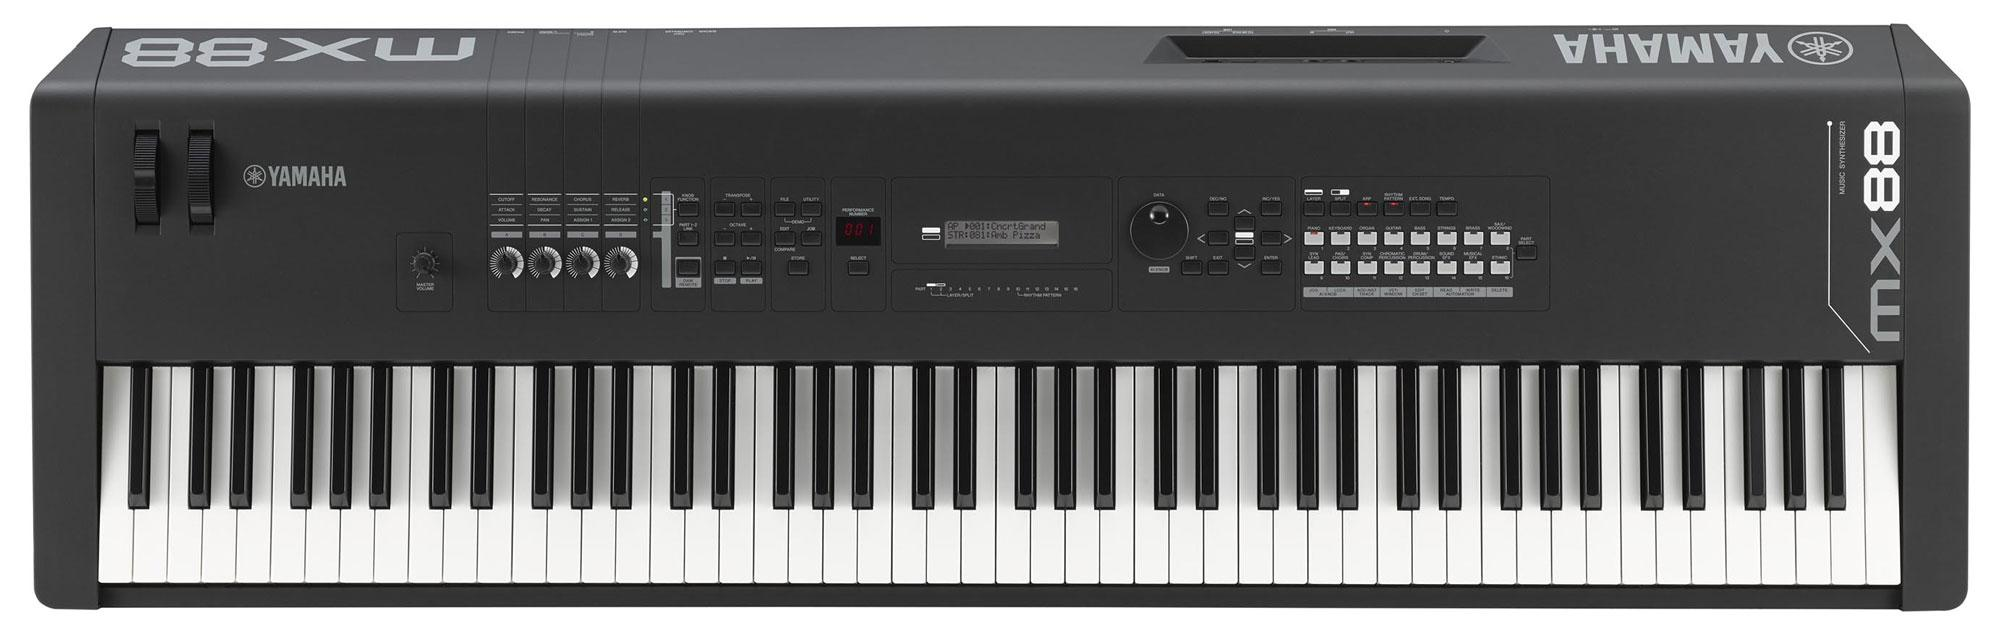 Synthesizer - Yamaha MX88 Synthesizer schwarz - Onlineshop Musikhaus Kirstein